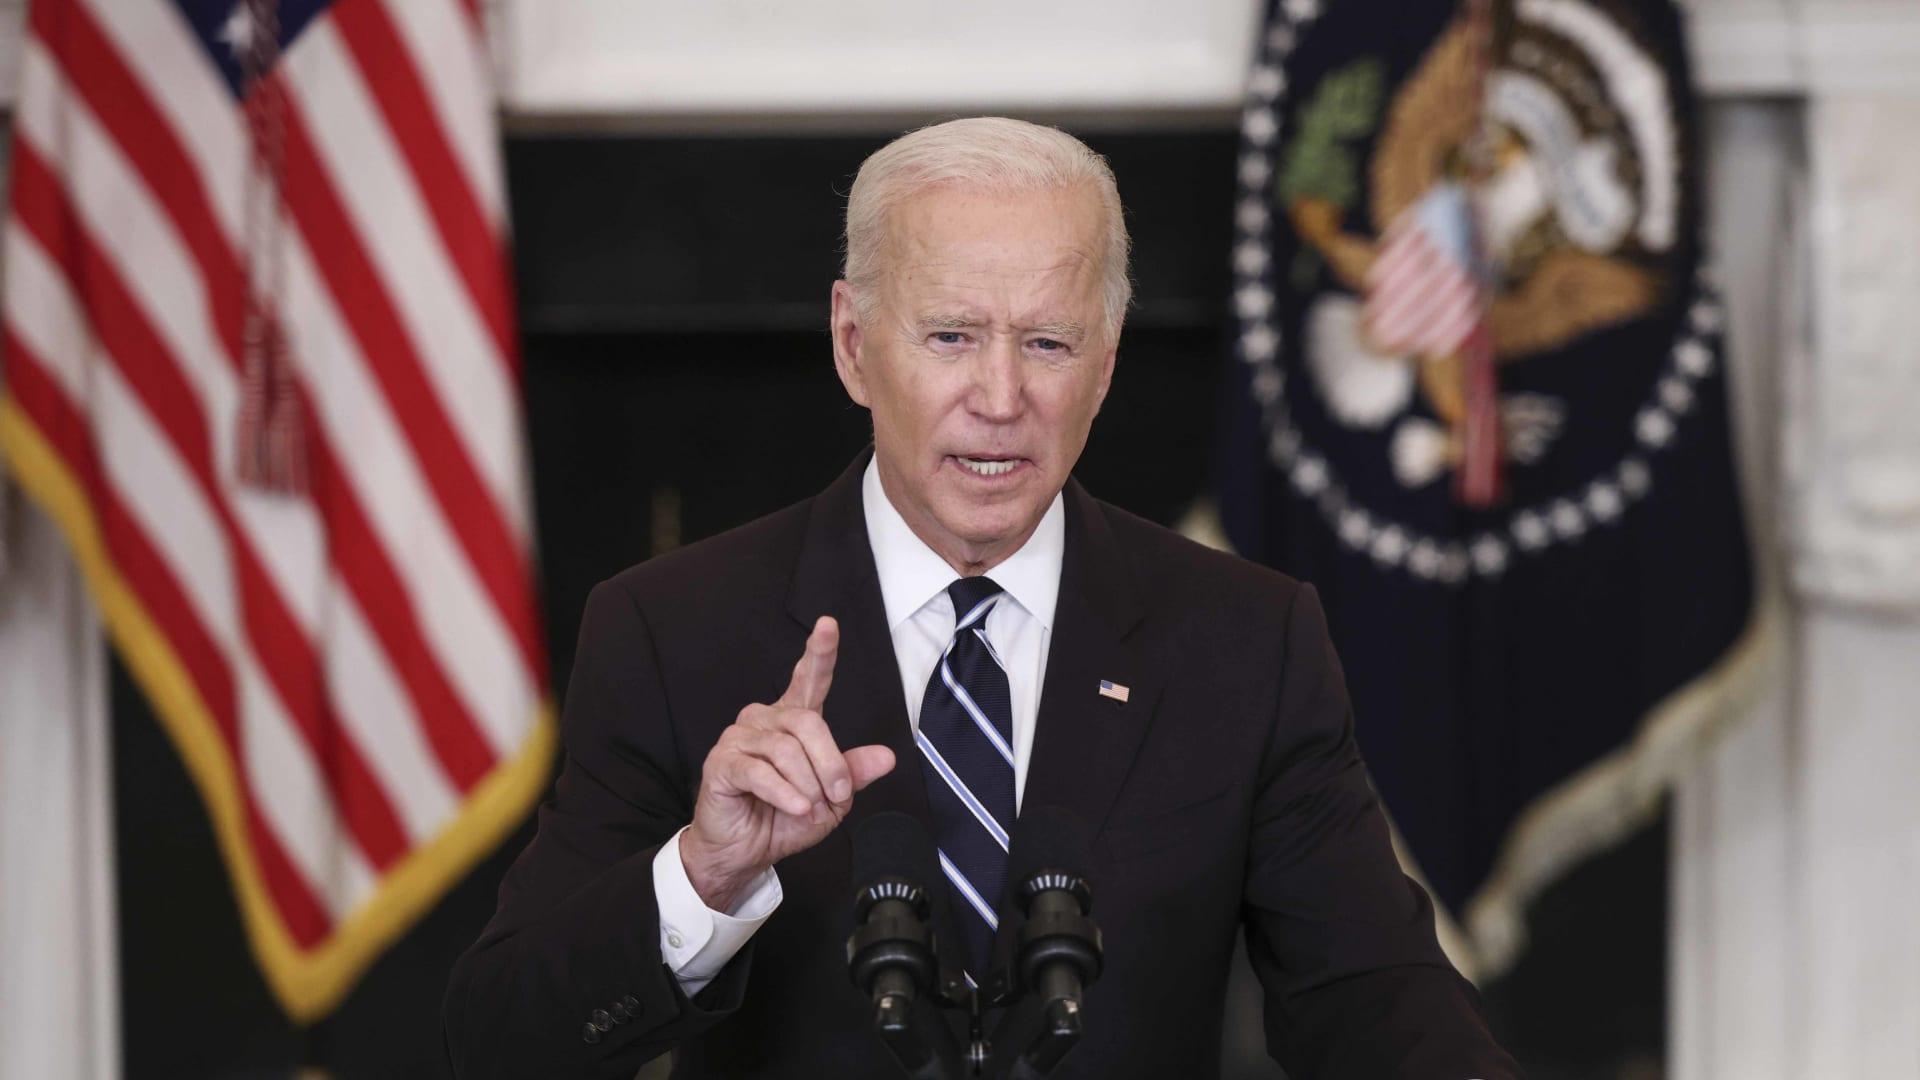 U.S. President Joe Biden speaks about combating the coronavirus pandemic on September 9 in the White House.